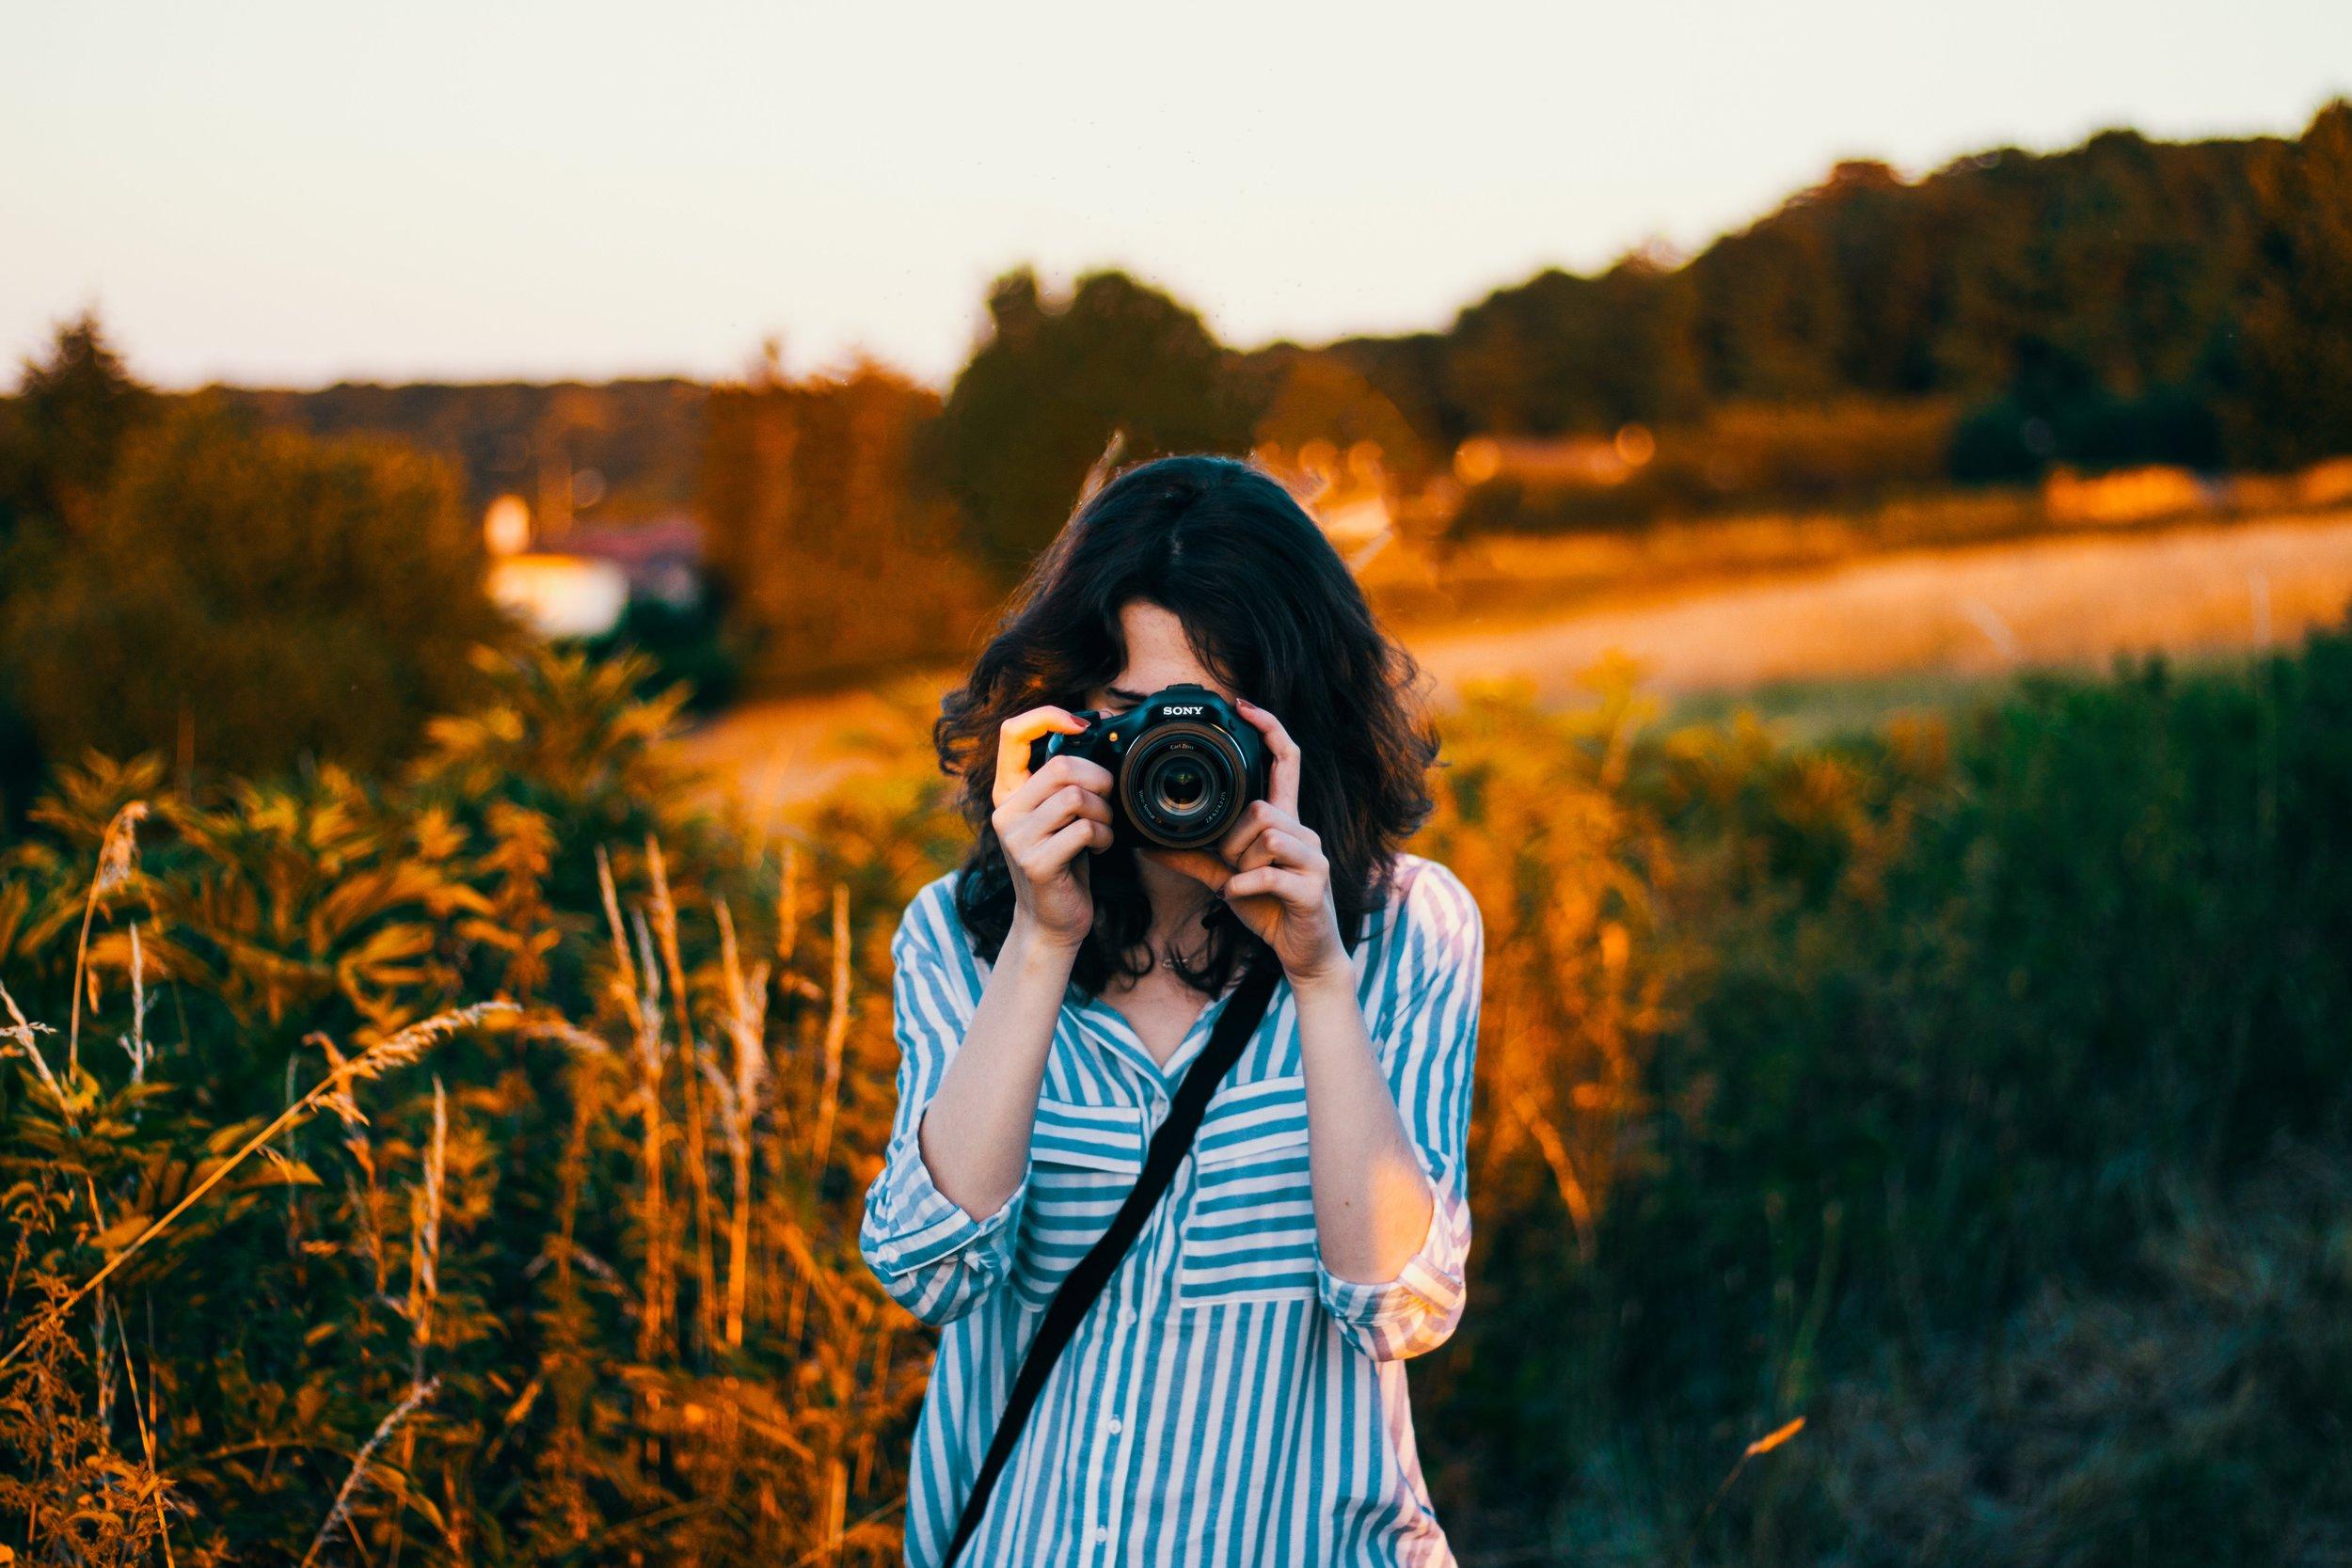 - • 1 • Une belle balade à la découverte des spots les plus graphiques de votre ville.• 2 • Le plaisir de s'offrir un regard professionnel sur soi accompagné de conseils avisés.• 3 • Des photos naturelles et authentiques. Loin de la classique photo studio.